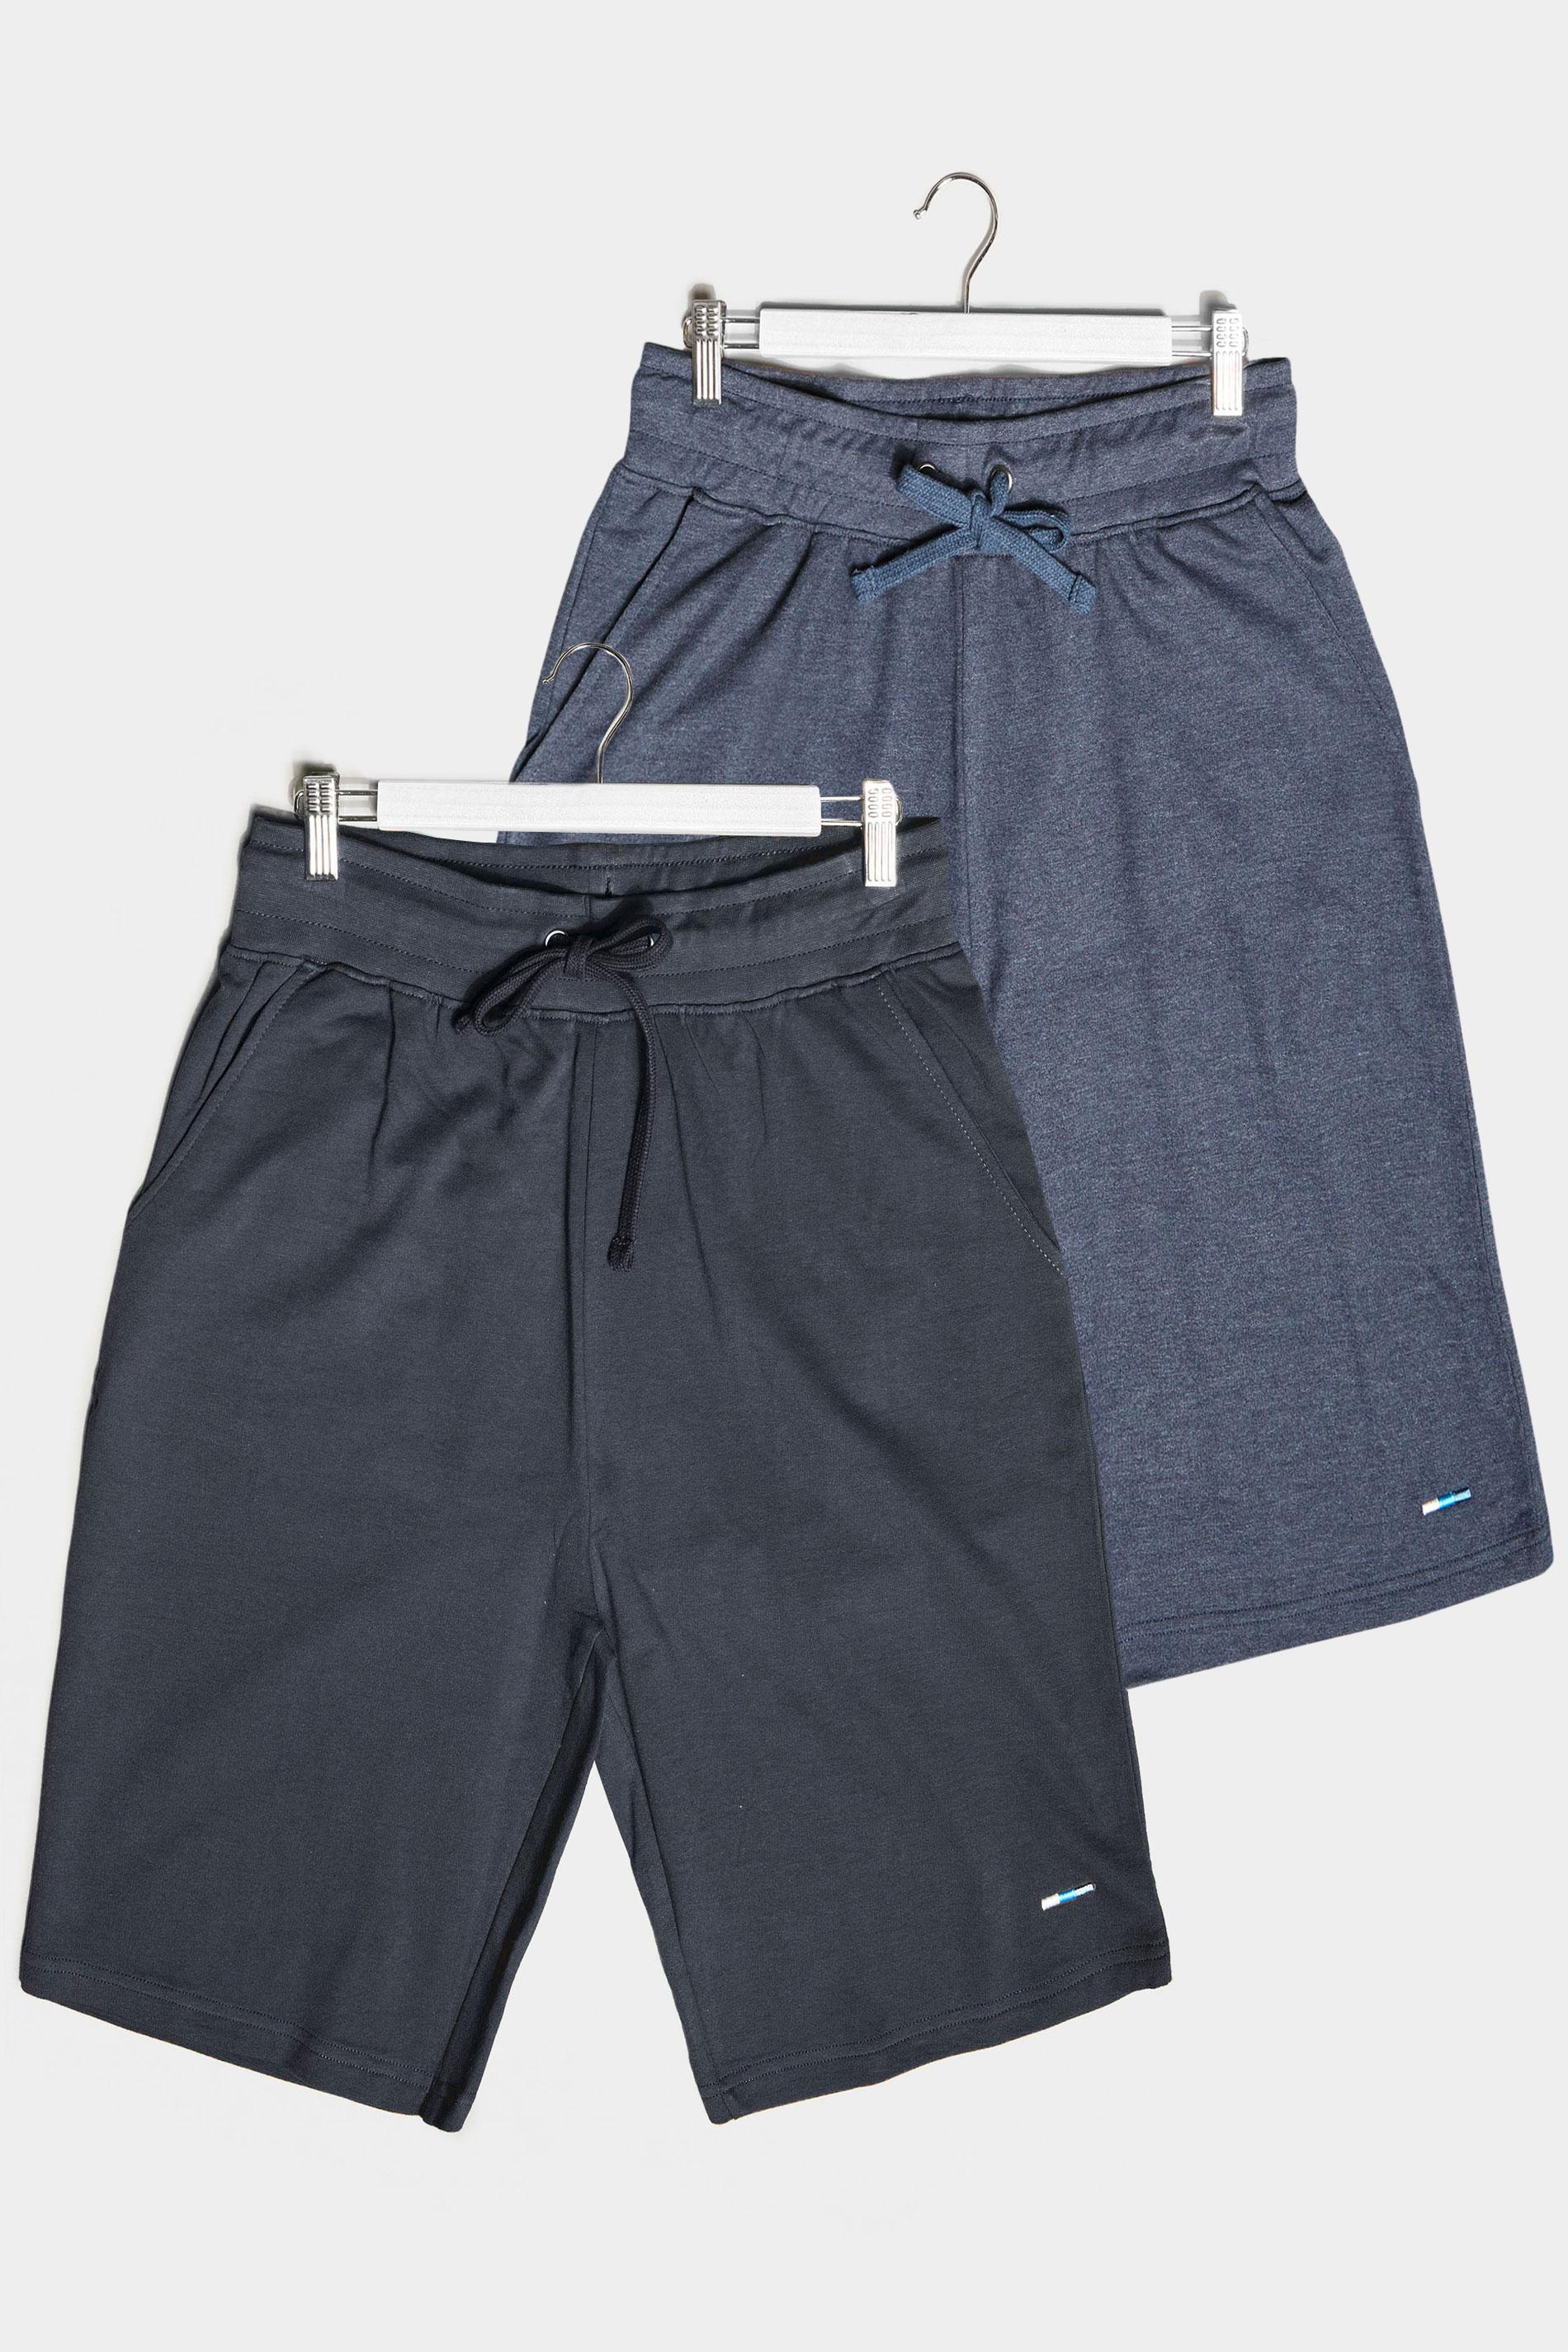 BadRhino Multi 2 Pack Jersey Shorts